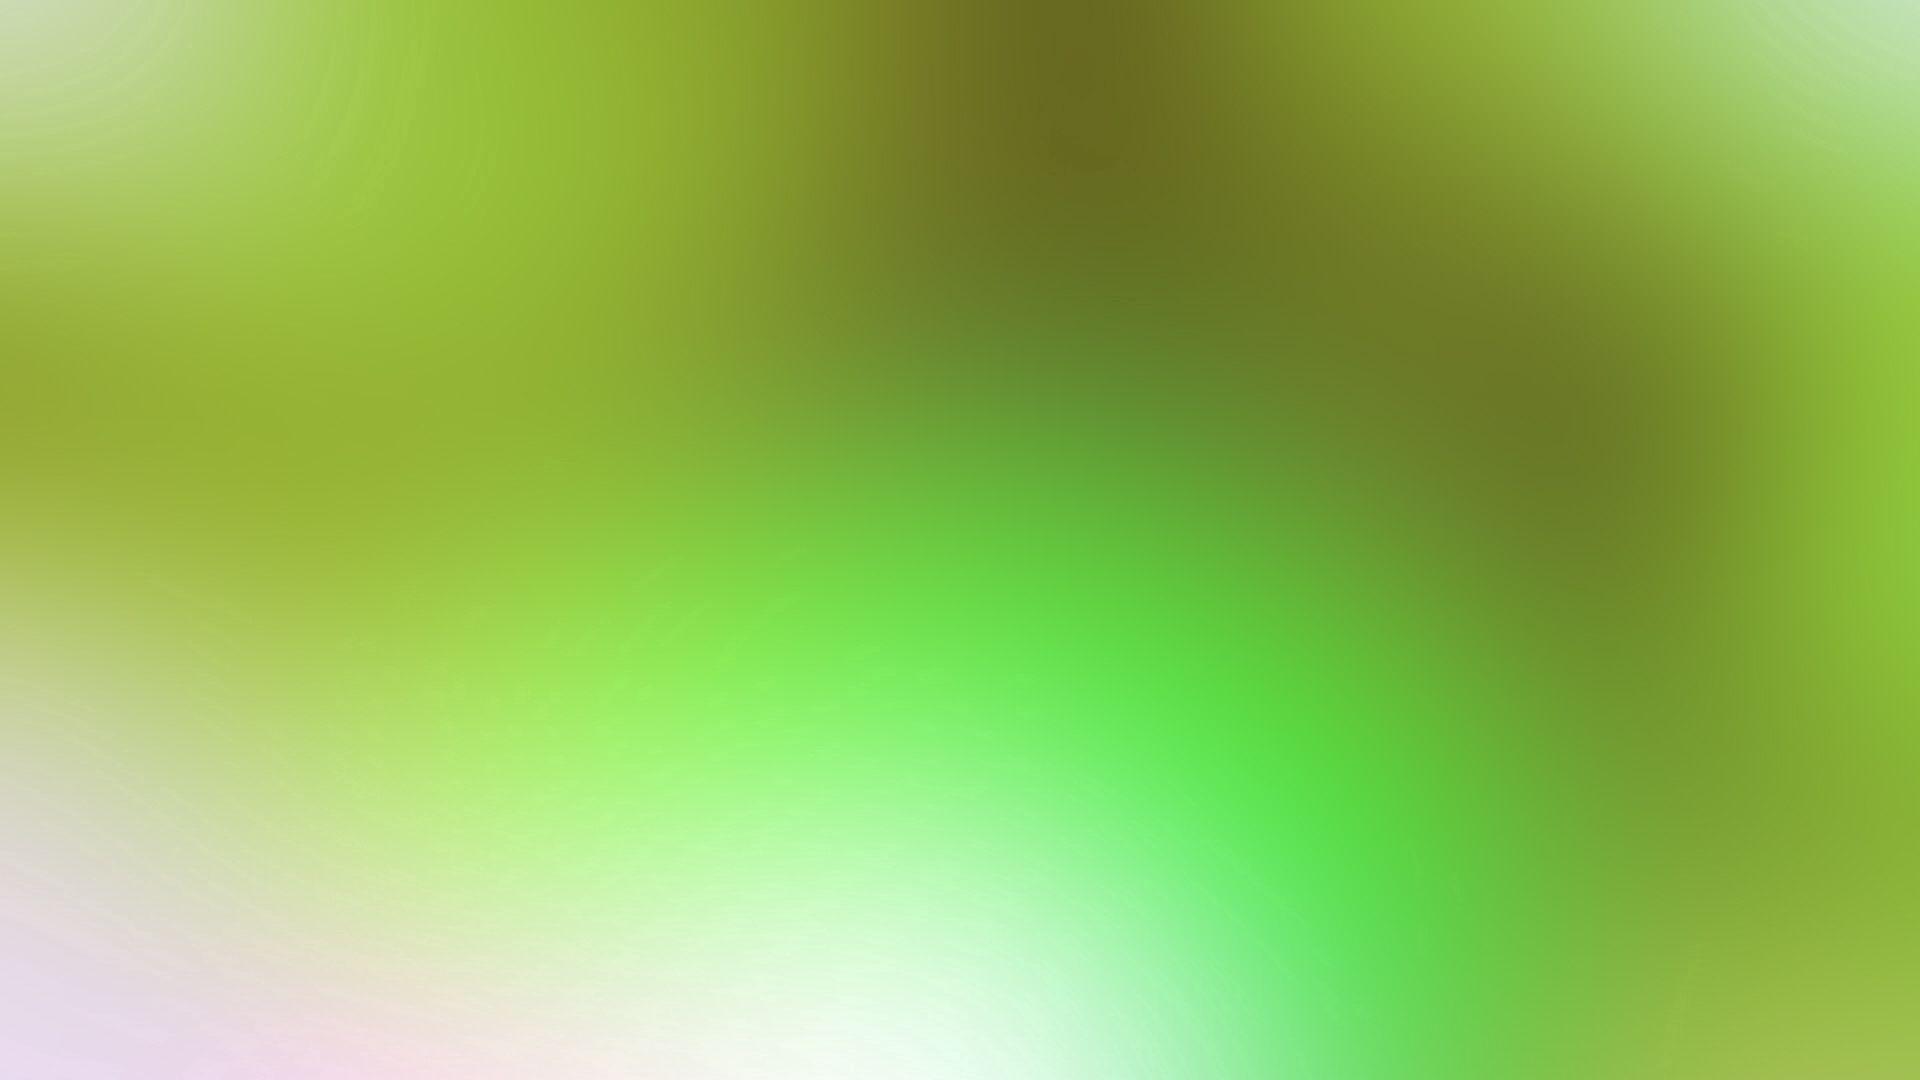 128815 скачать обои Абстракция, Зеленый, Фон, Пятна - заставки и картинки бесплатно